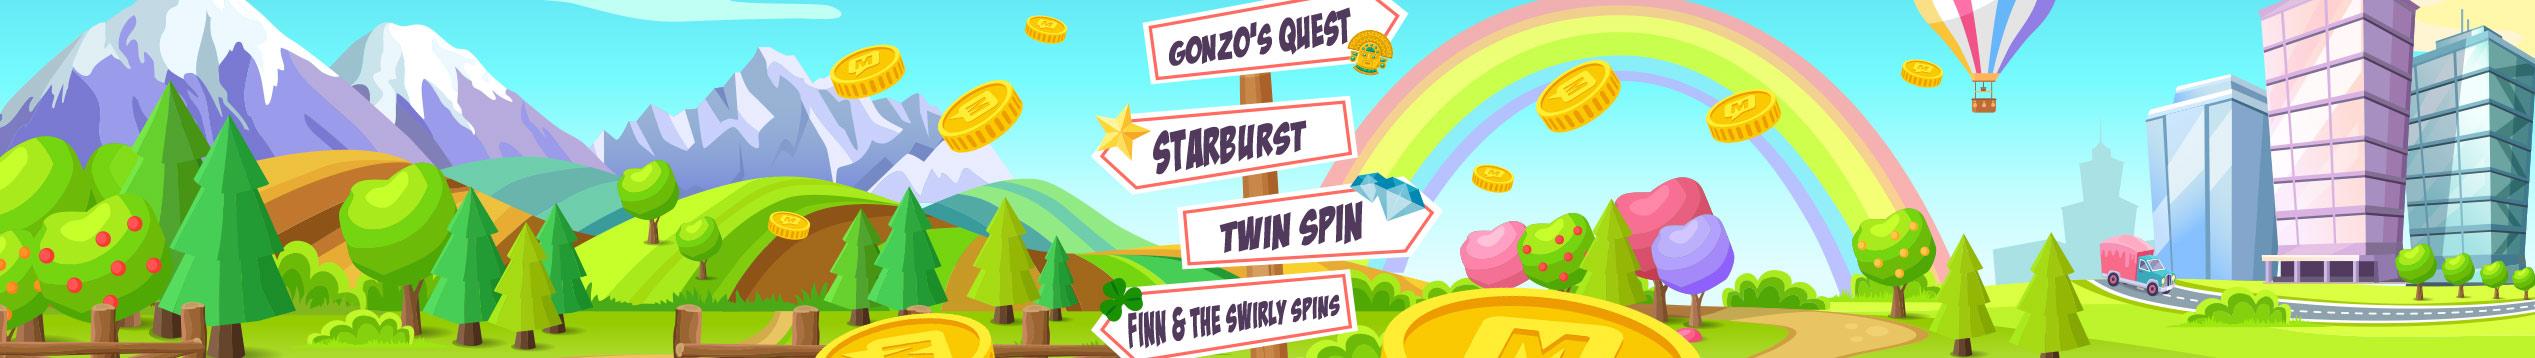 Spela bingo och få gratis gratissnurr denna helgen!